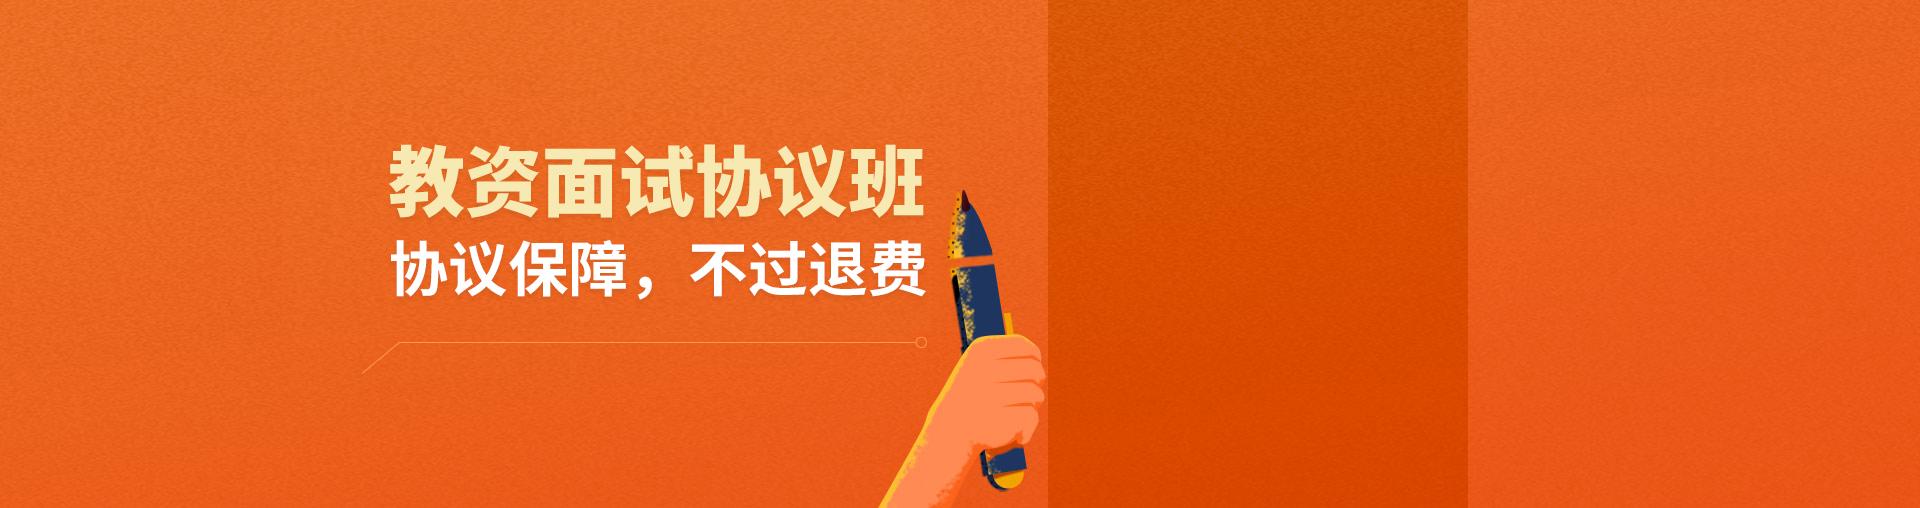 (不过退费)19下教资面试协议班-高中语文(购课前领取优惠请加:ydksxjs7)